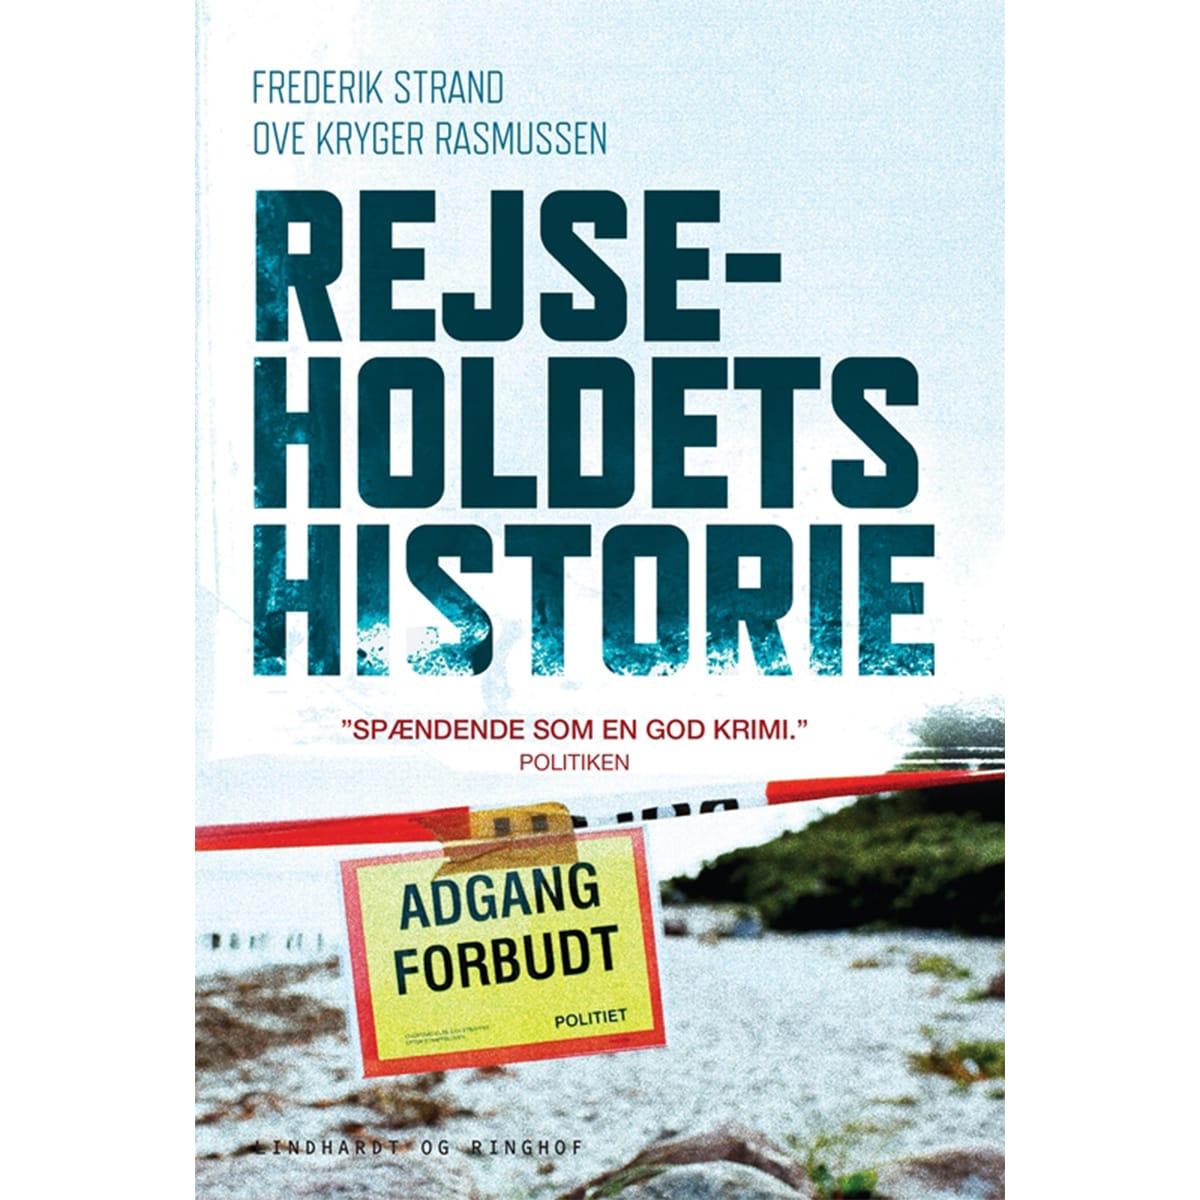 Af Frederik Strand & Ove Kryger Rasmusssen